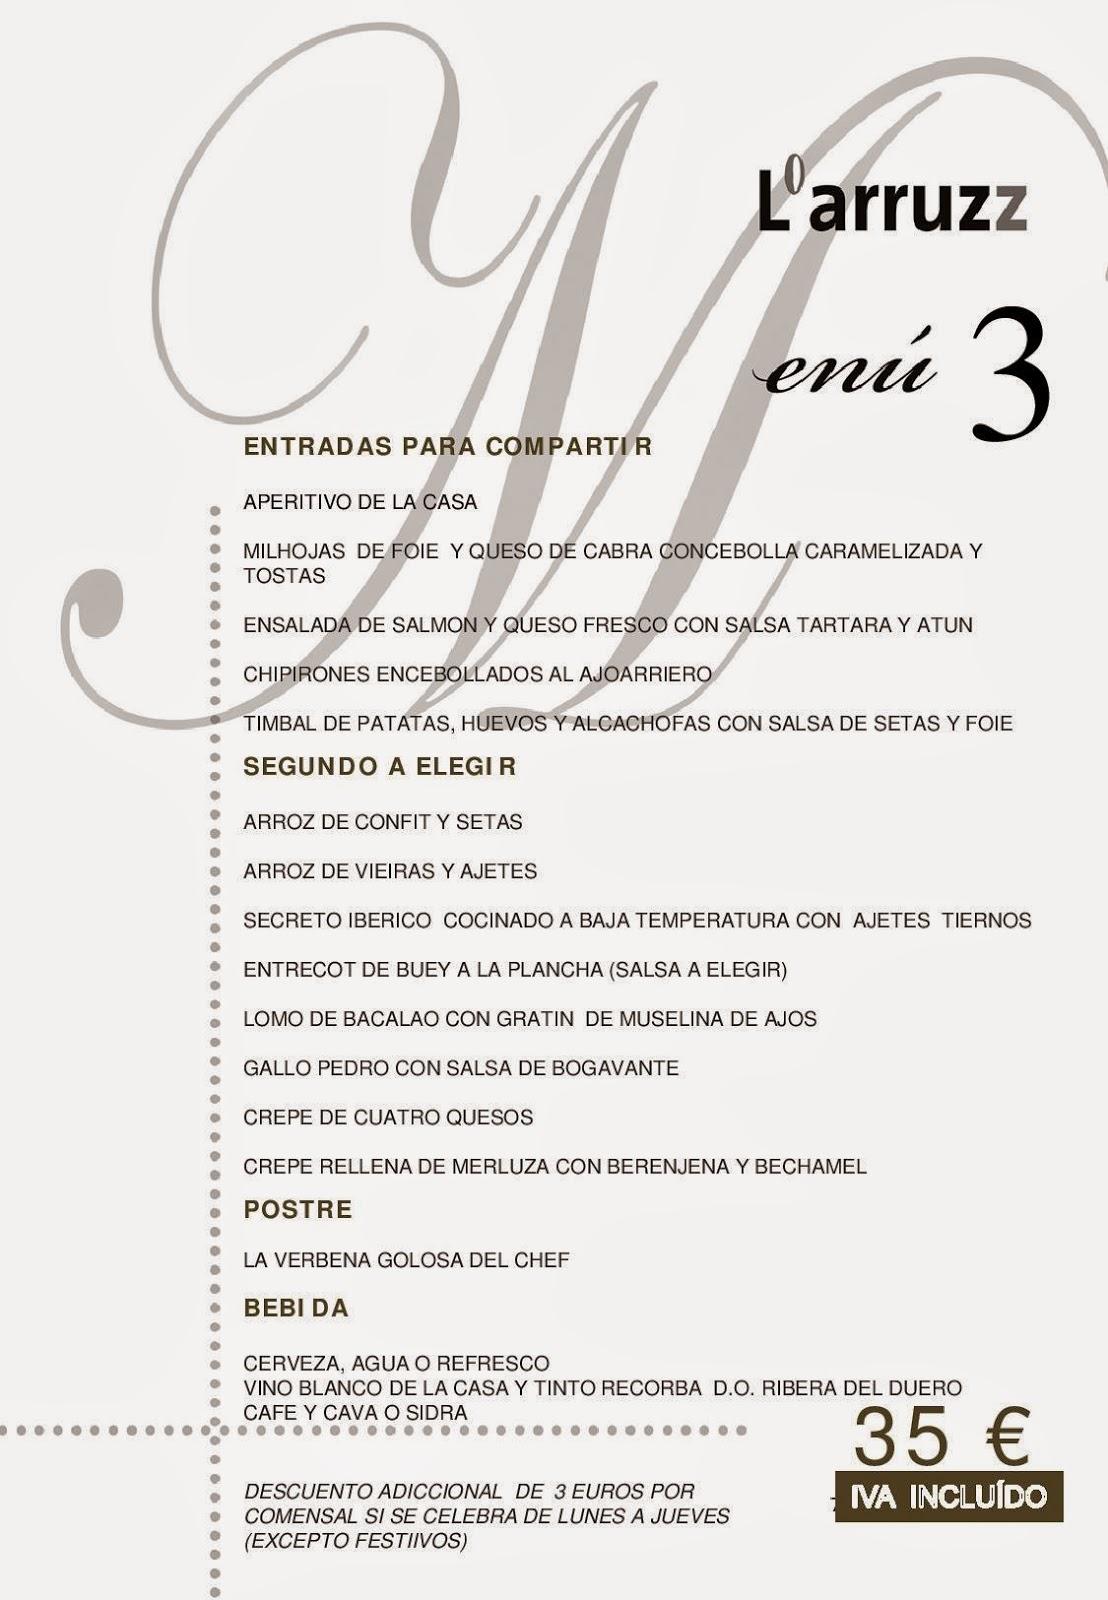 Menús para eventos baratos en Albacete, menús baratos de eventos, Menús en Albacete